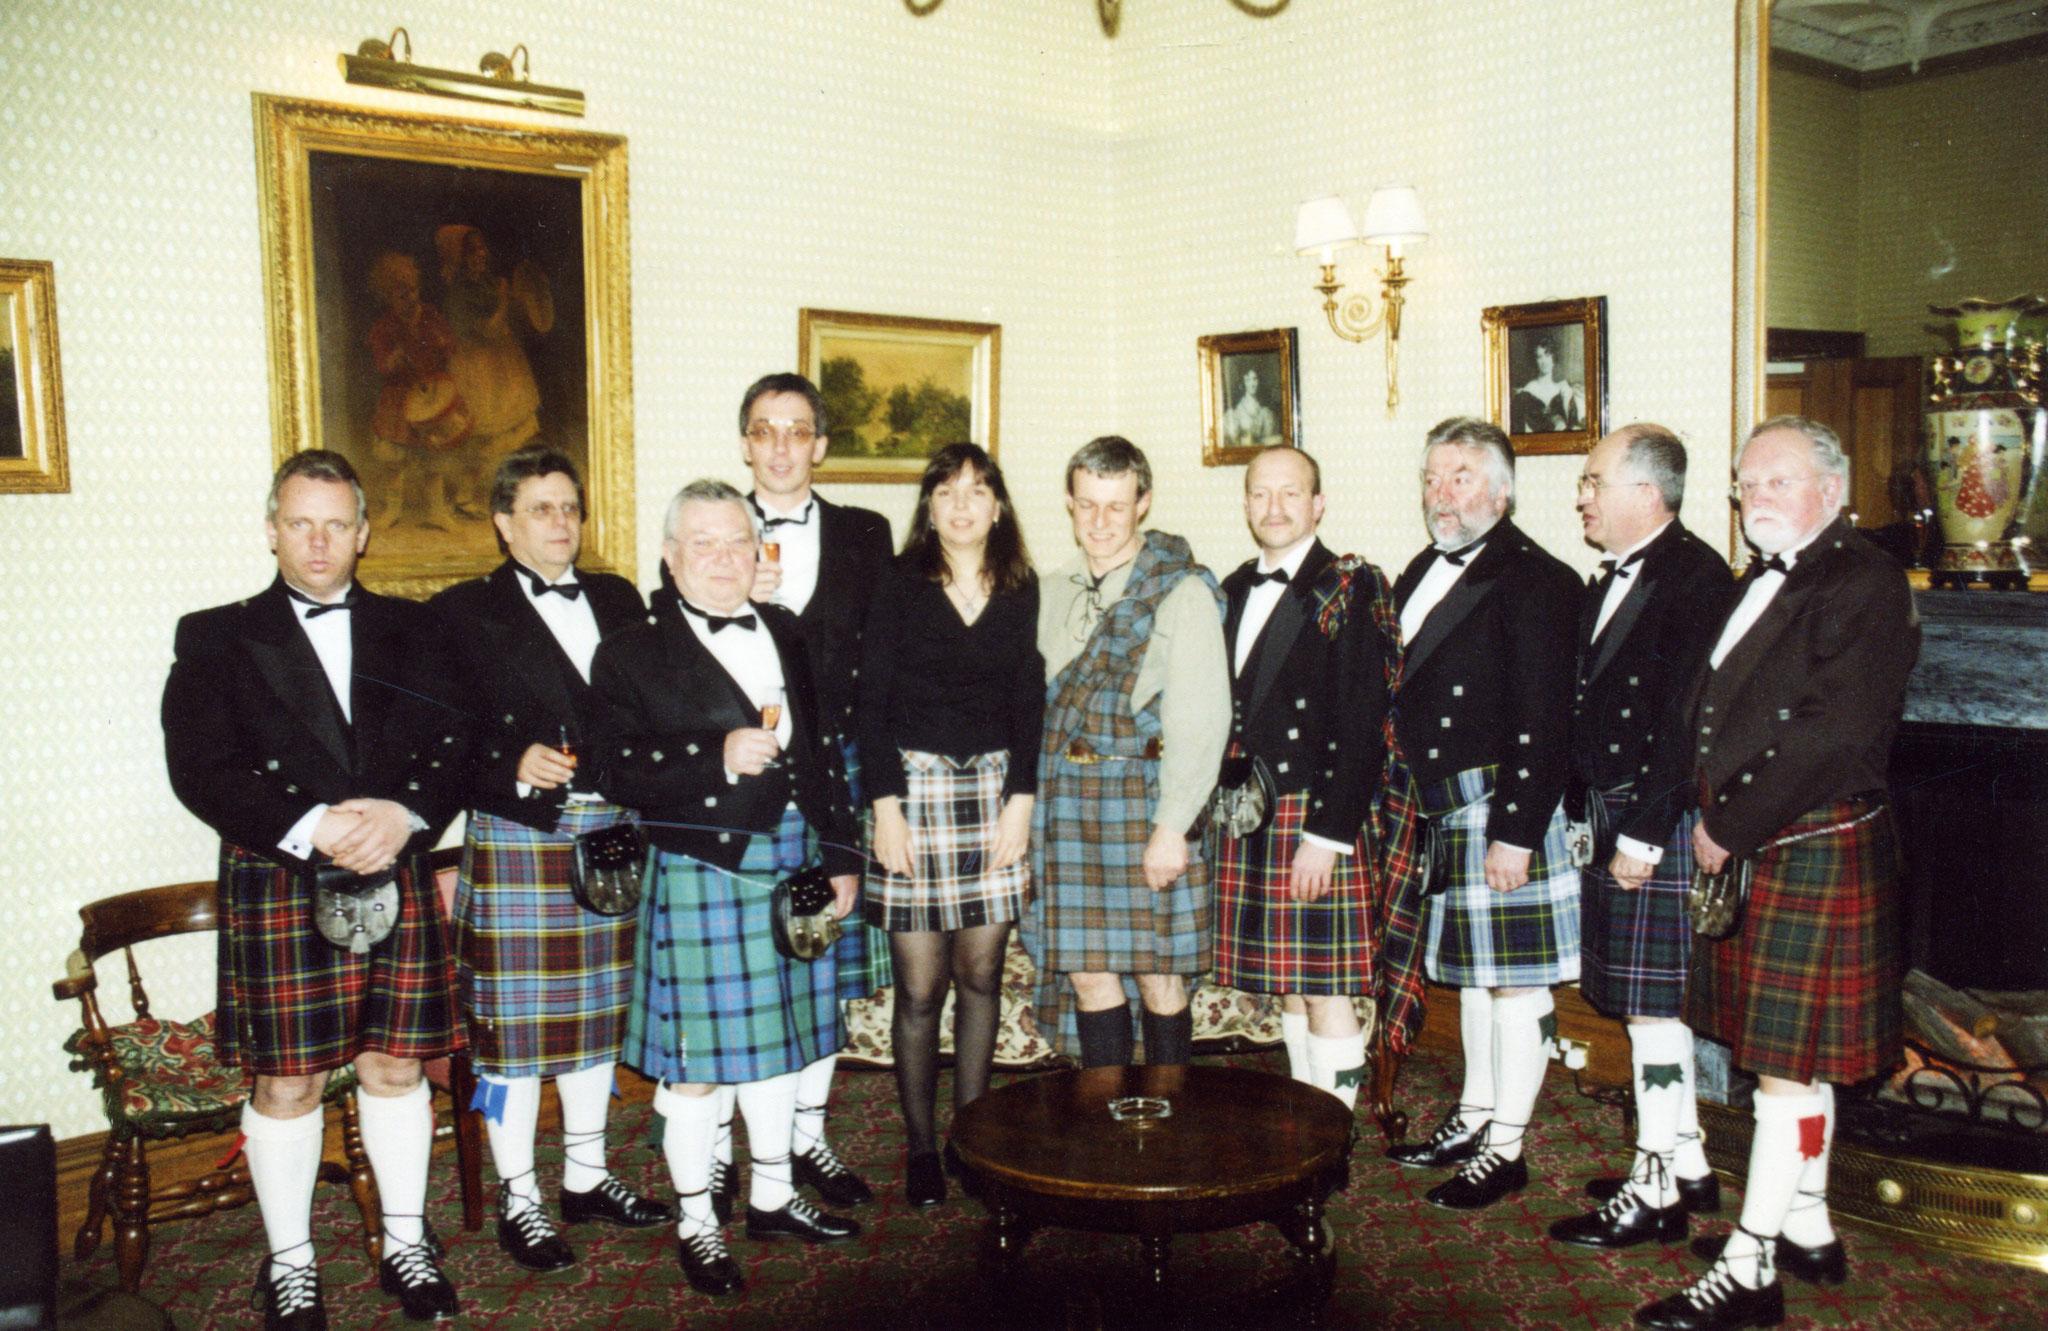 Aufnahme unseres Clubfreundes Joachim Segel 1994 in Schottland